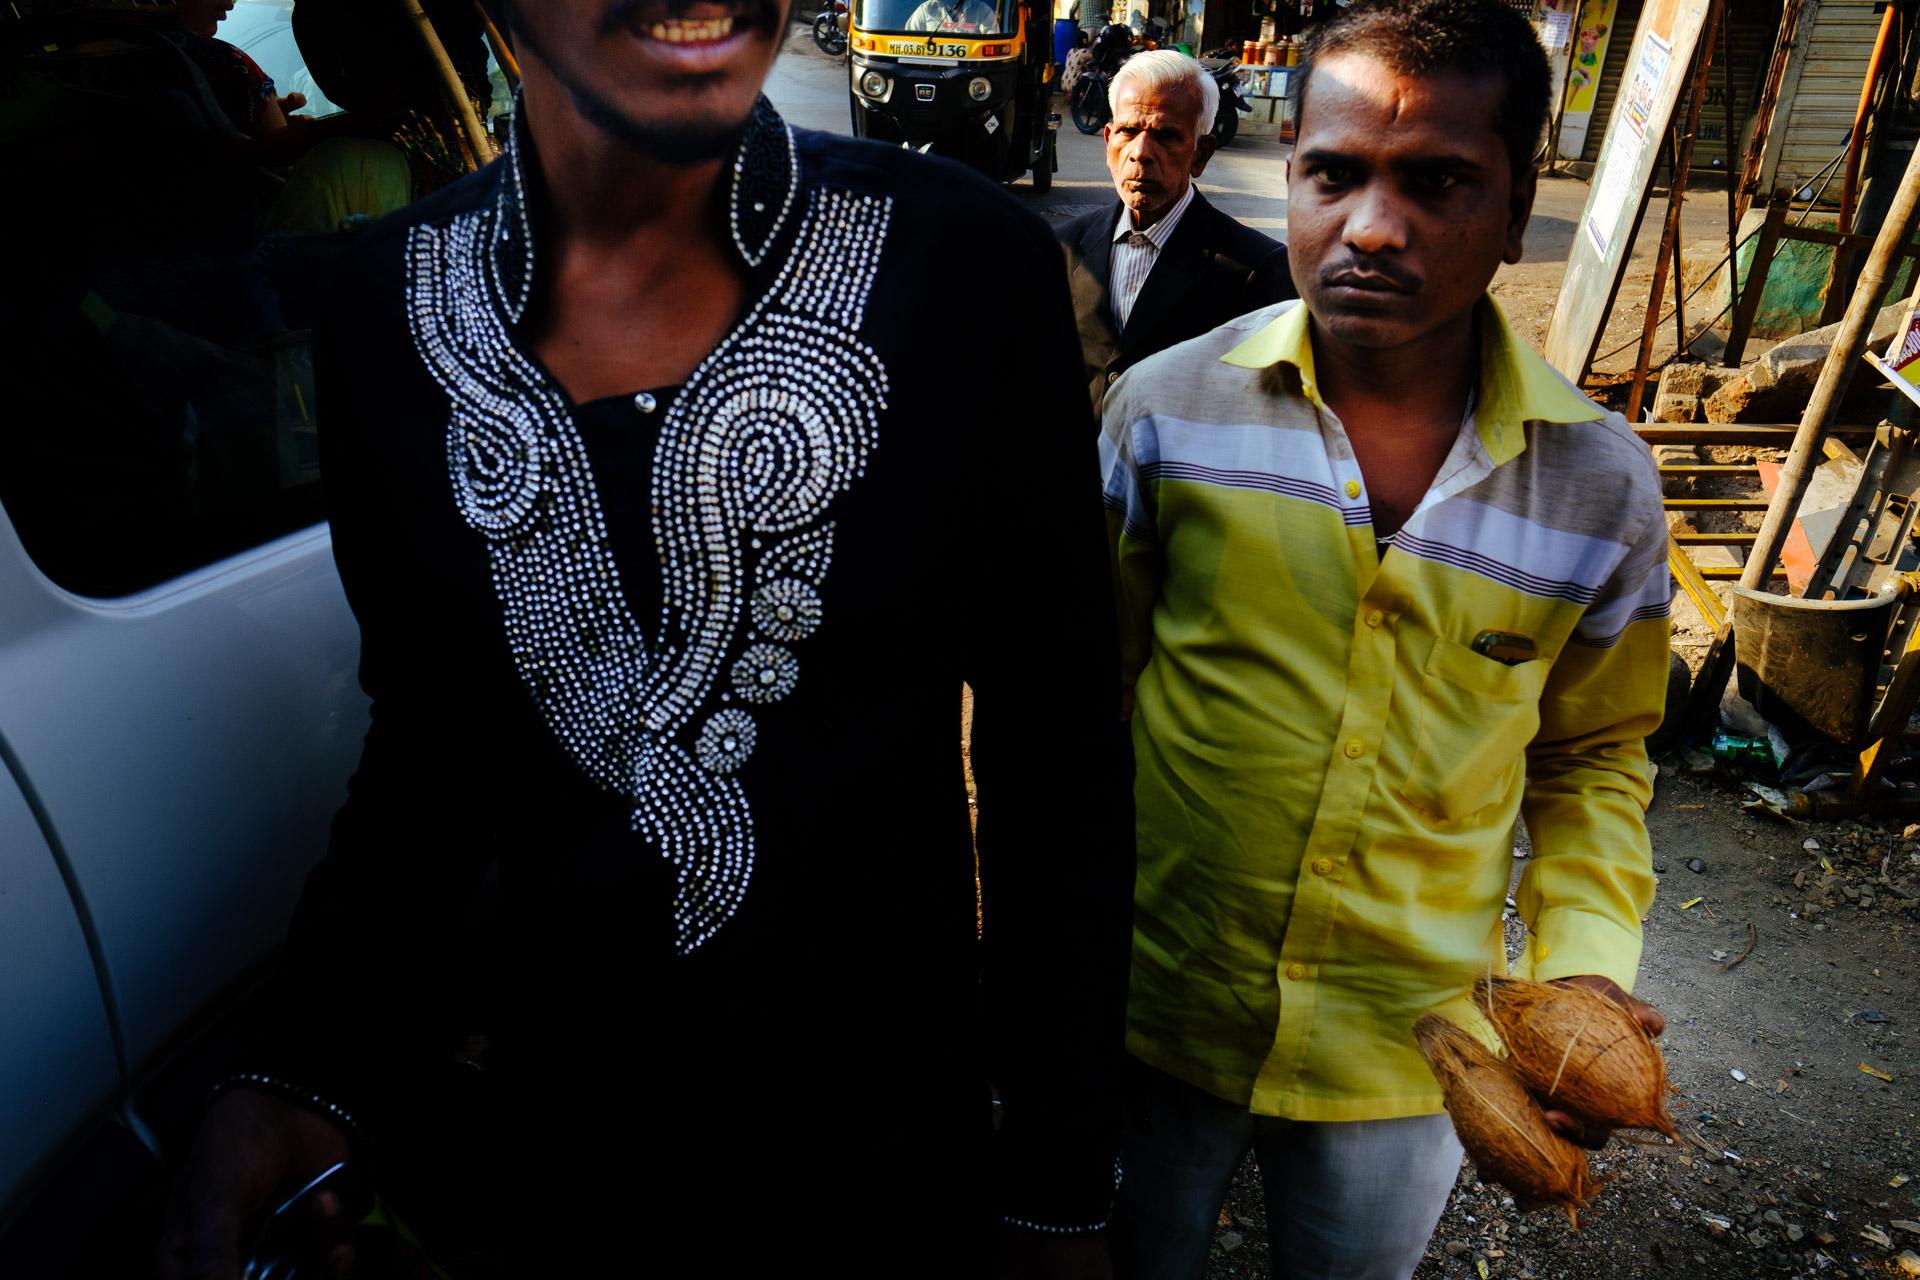 wedding_in_mumbai-7.jpg